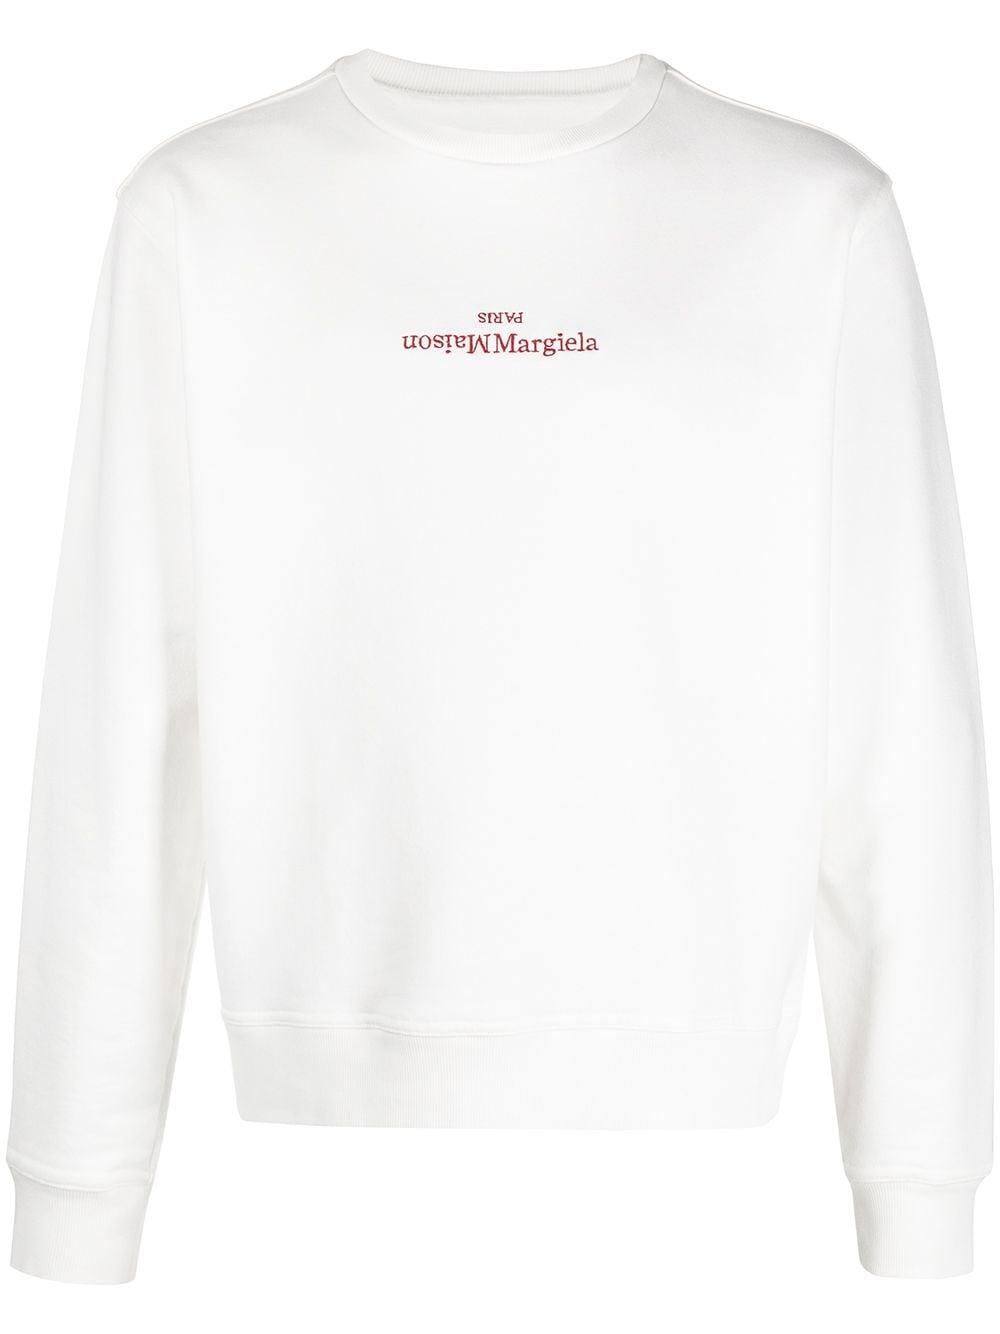 Felpa A Girocollo Con Logo Uomo MAISON MARGIELA | Felpe | S50GU0166 S25503101